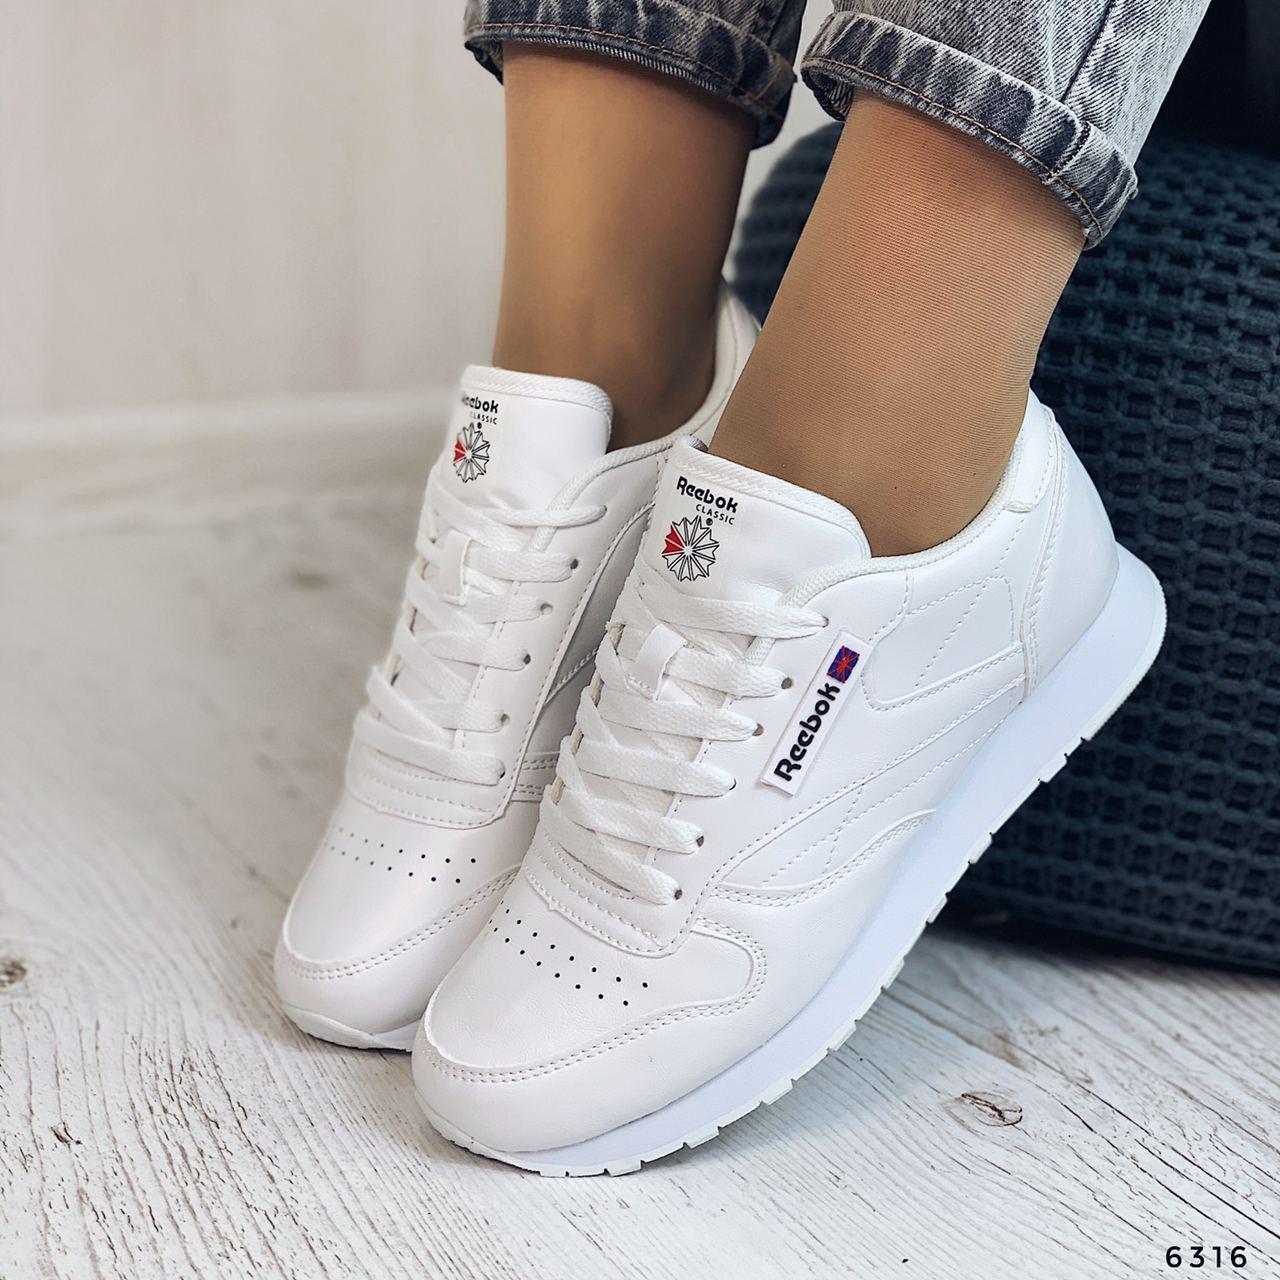 Кроссовки женские белые из эко кожи в стиле Reebok. Кросівки жіночі білі